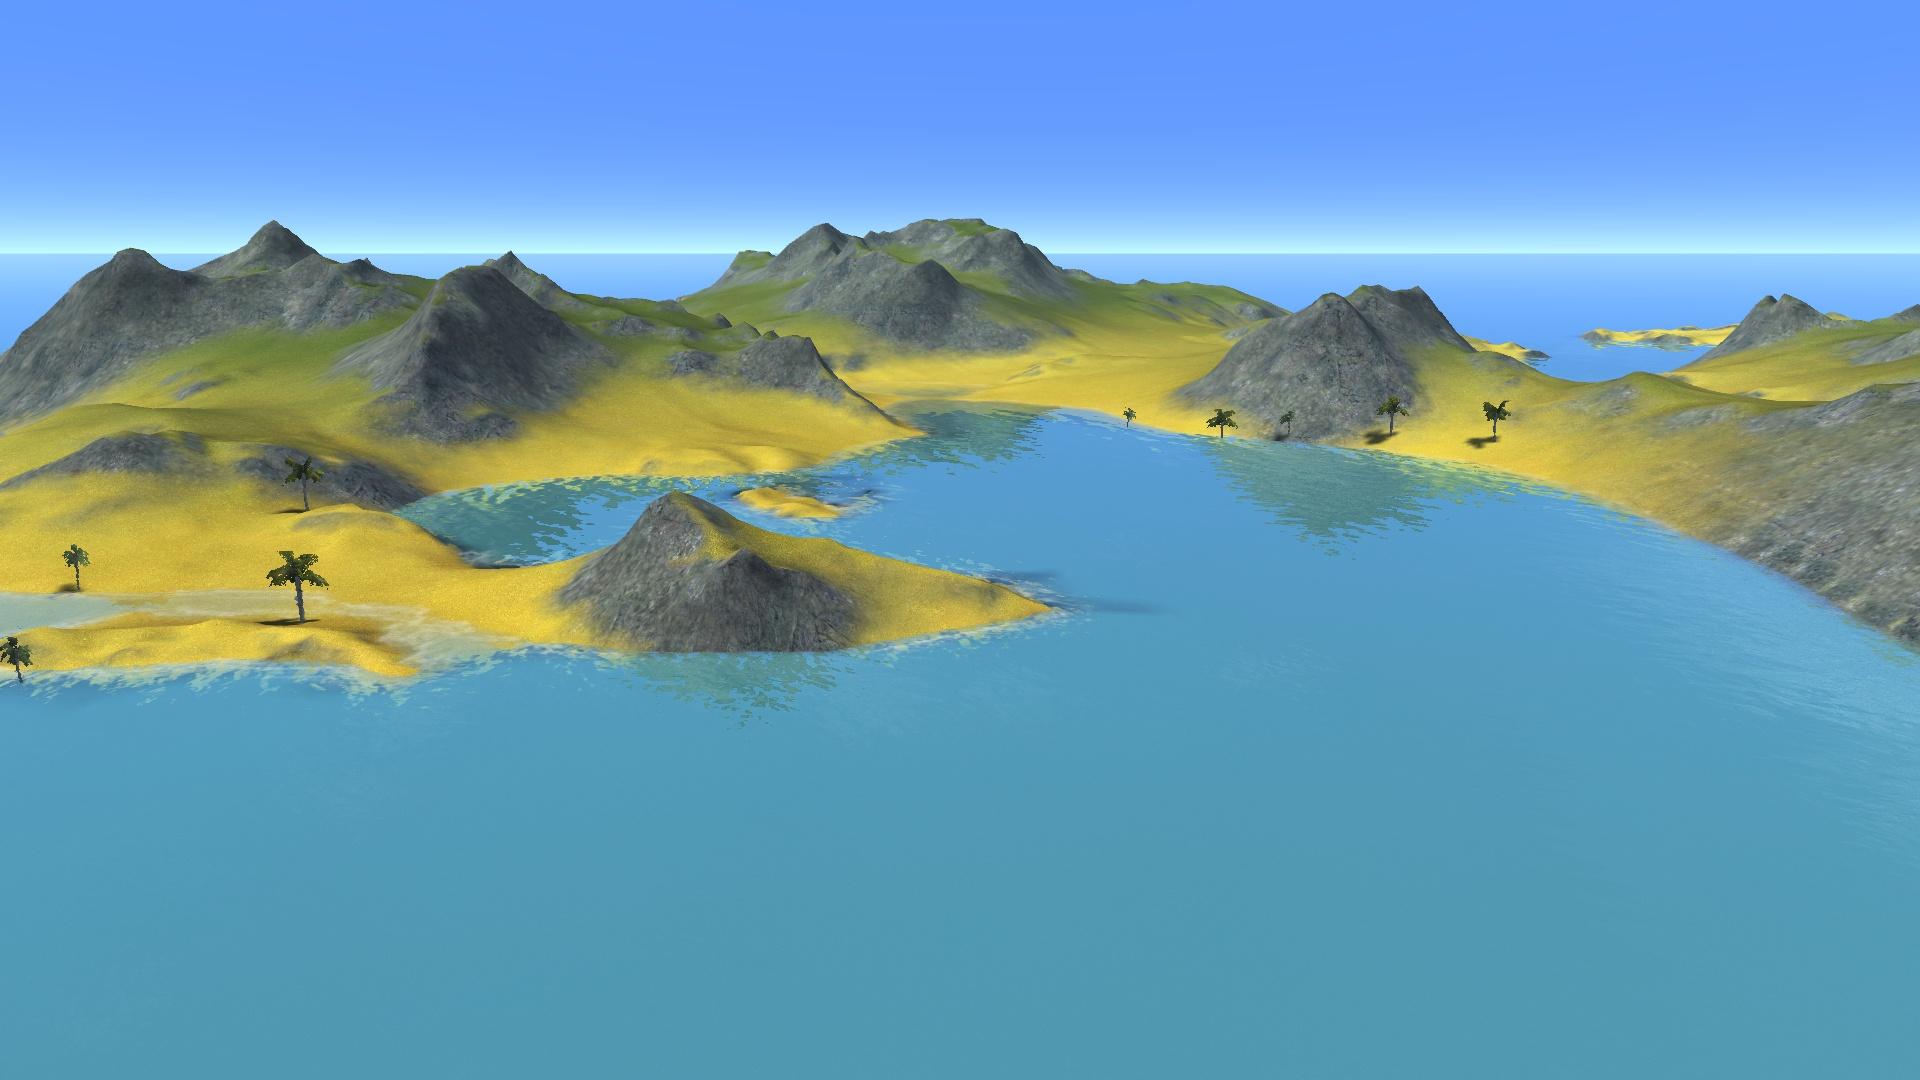 cxl_screenshot_islands_6.jpg